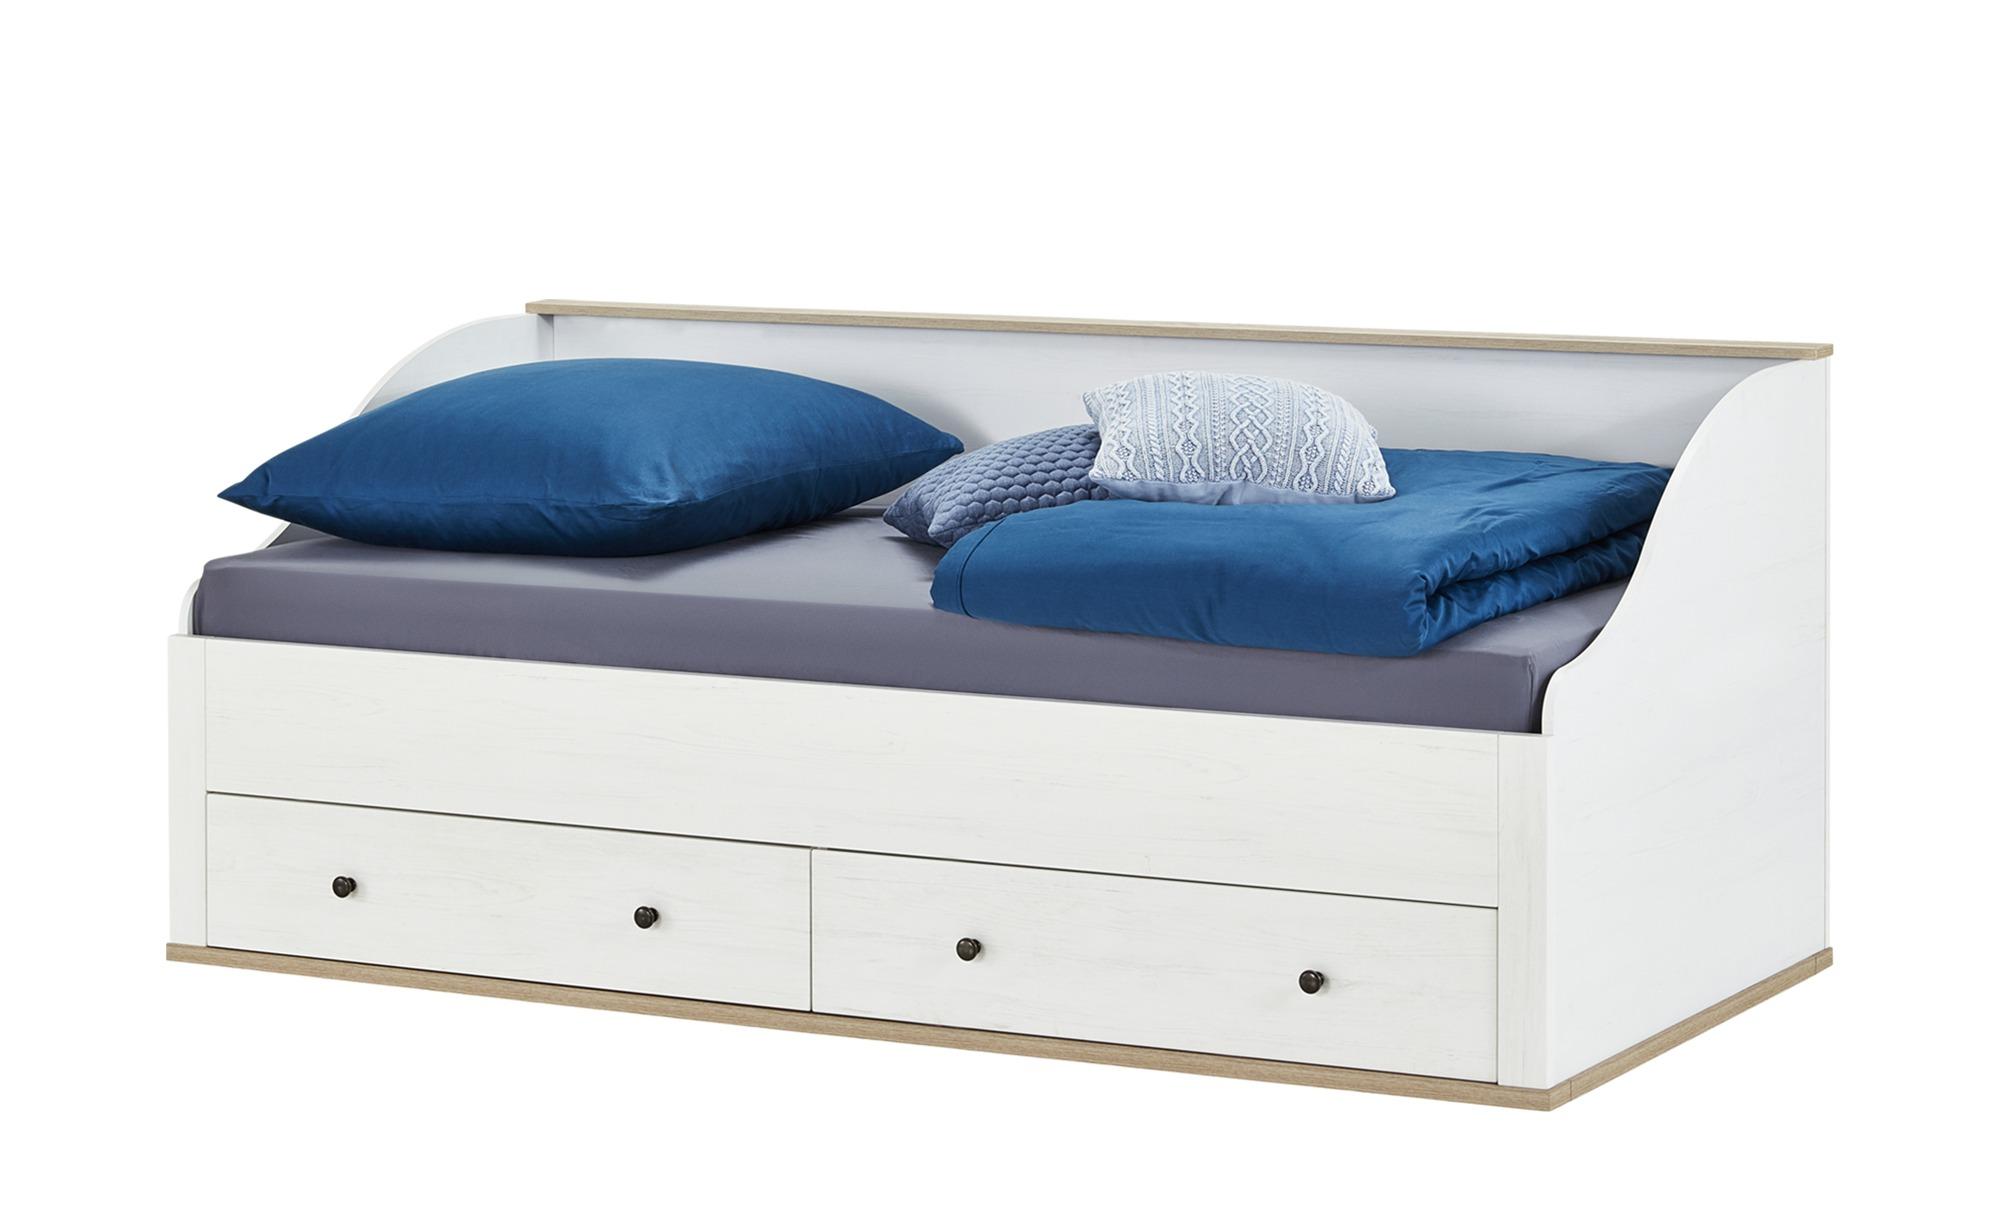 bett mit 2 schubk sten 90x200 wei l rche optik carmen. Black Bedroom Furniture Sets. Home Design Ideas